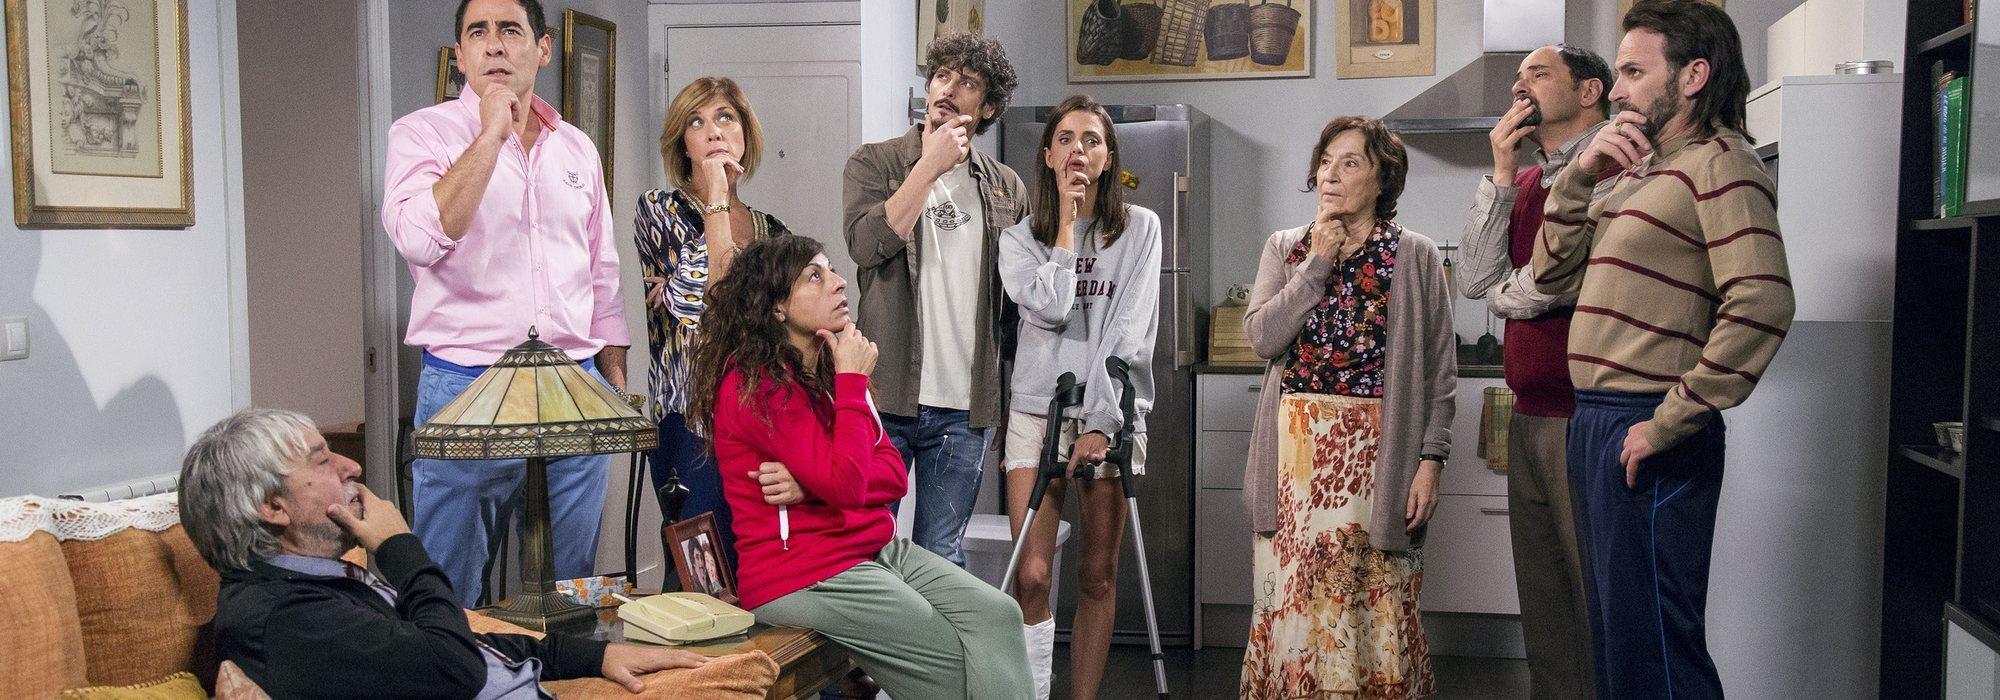 Telecinco ya promociona 'La que se avecina', ¿para enfrentarla a 'La Voz'? Claves de la estrategia